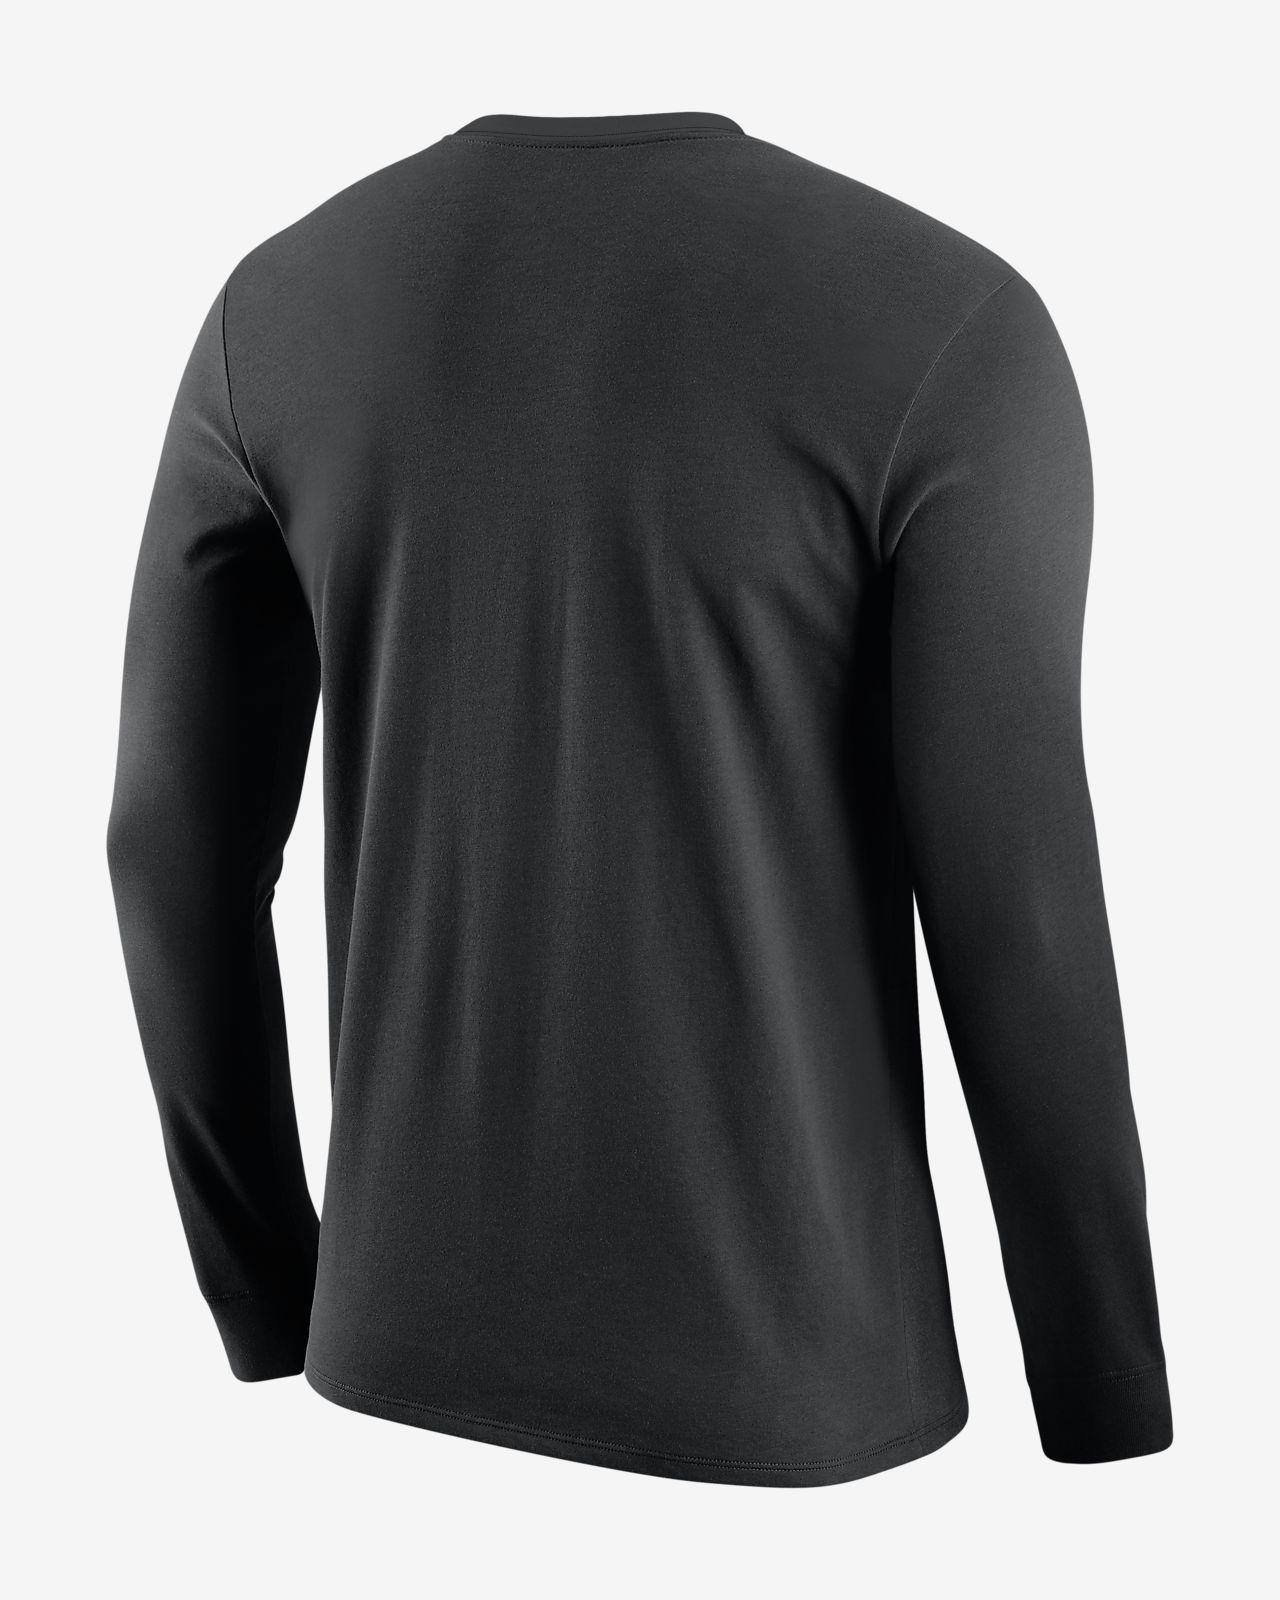 afab0e86f839 Nike Dri-FIT (NFL Vikings) Men s Long-Sleeve T-Shirt. Nike.com